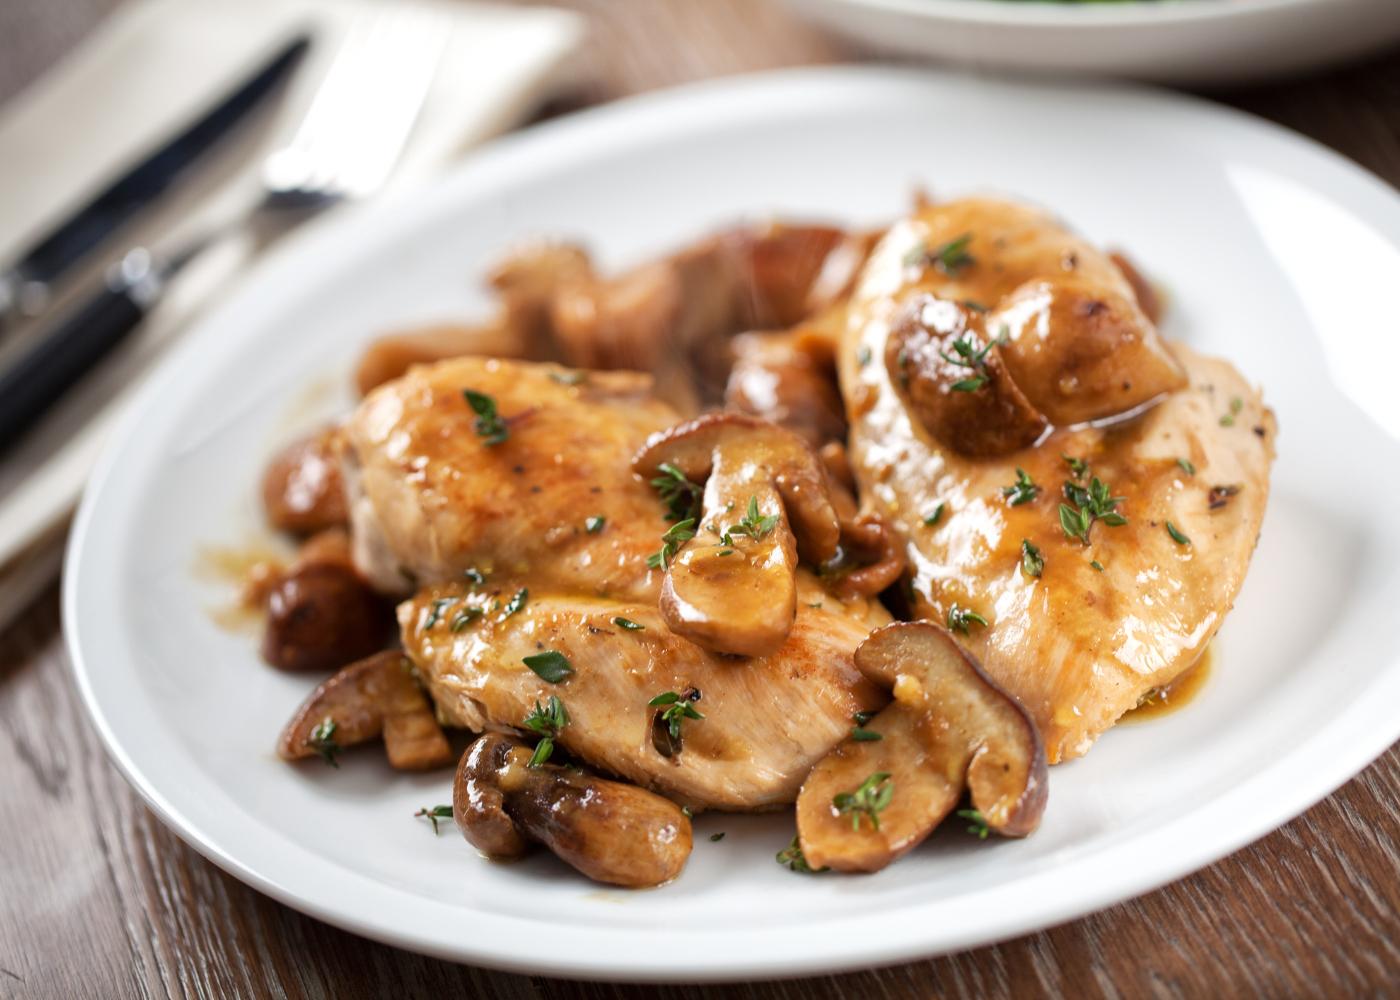 receitas de frango com natas: 4 receitas faceis e saborosas